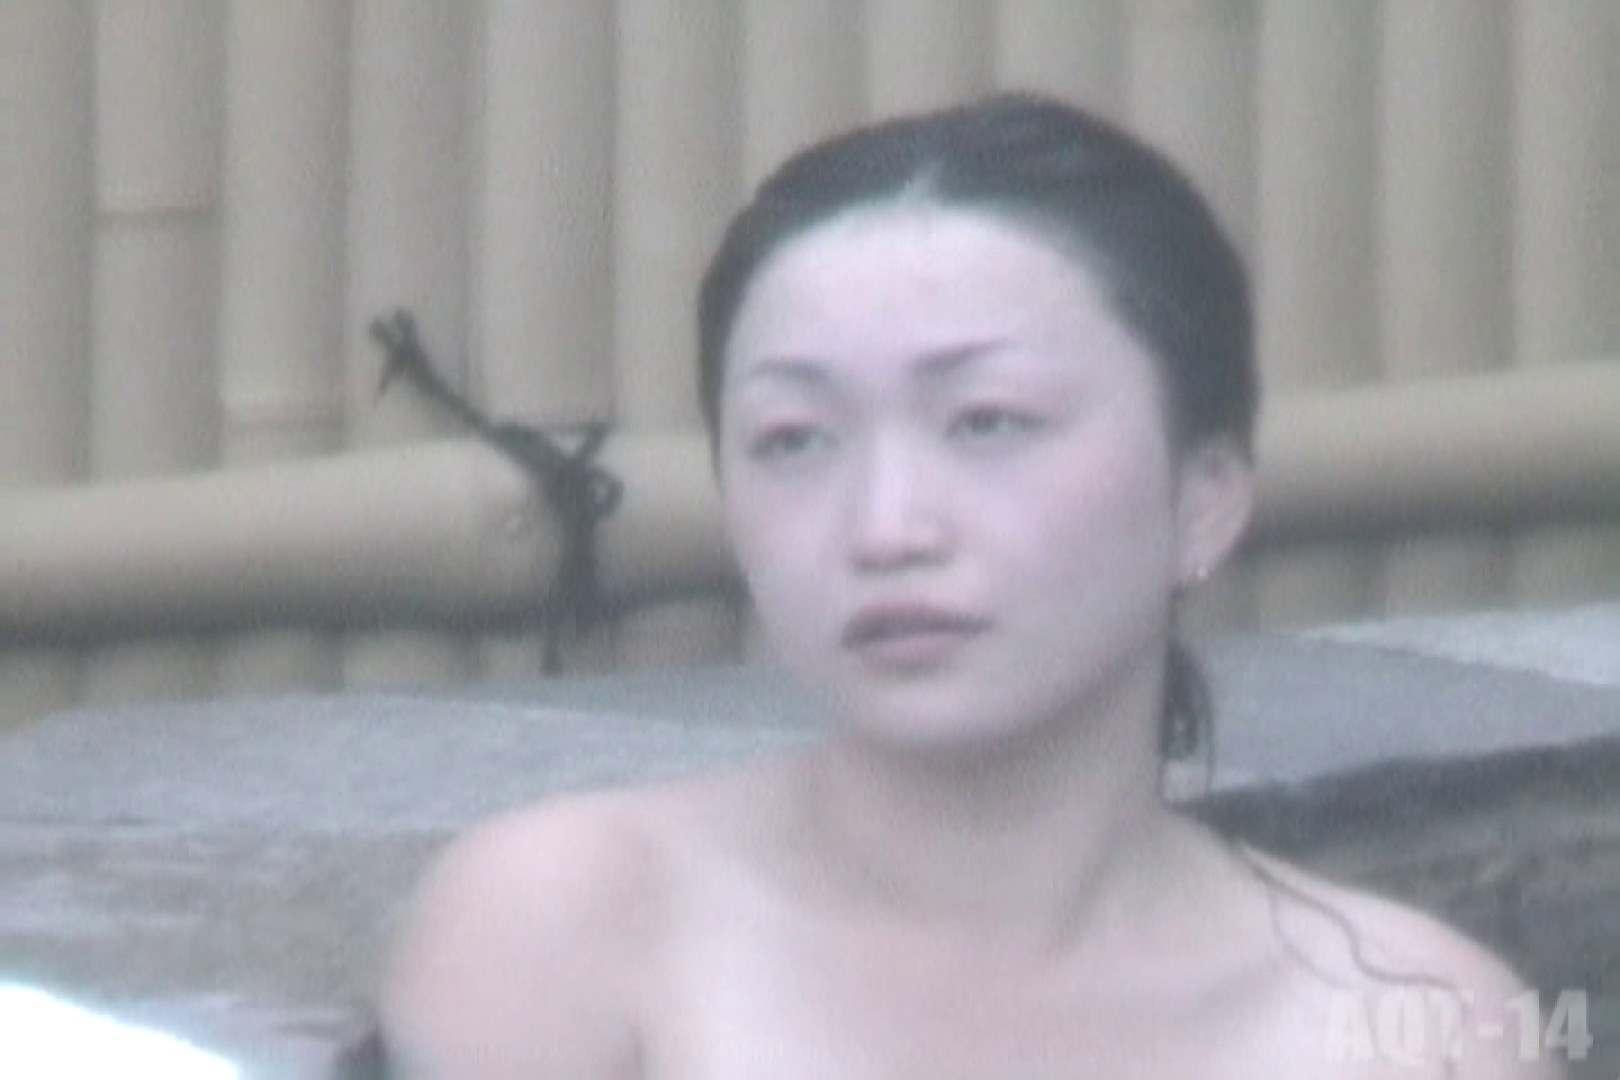 Aquaな露天風呂Vol.826 盗撮  88PICs 24